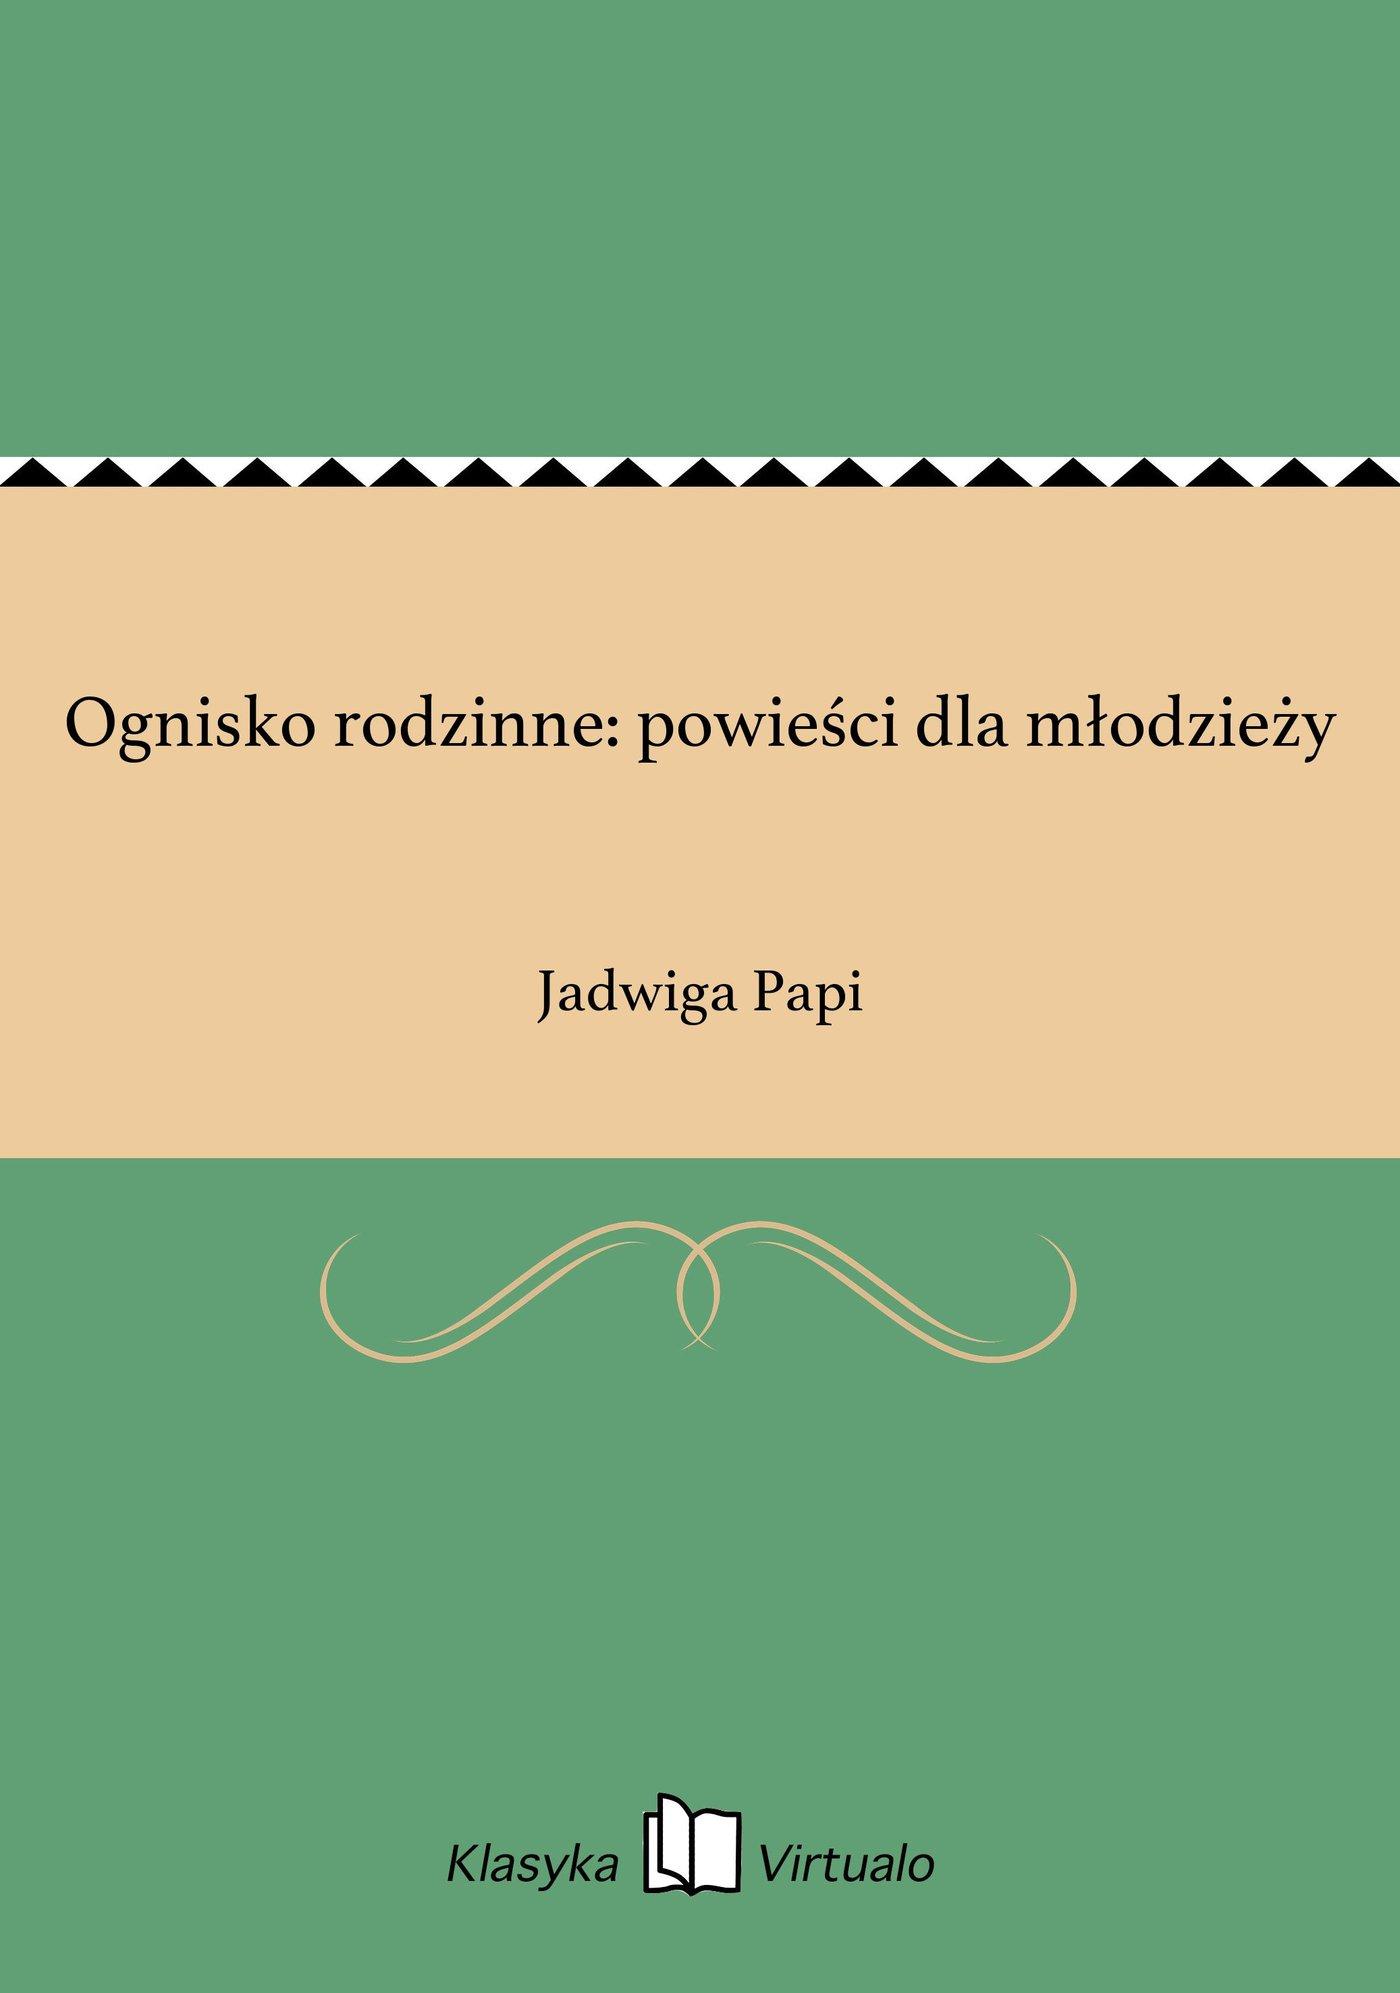 Ognisko rodzinne: powieści dla młodzieży - Ebook (Książka EPUB) do pobrania w formacie EPUB